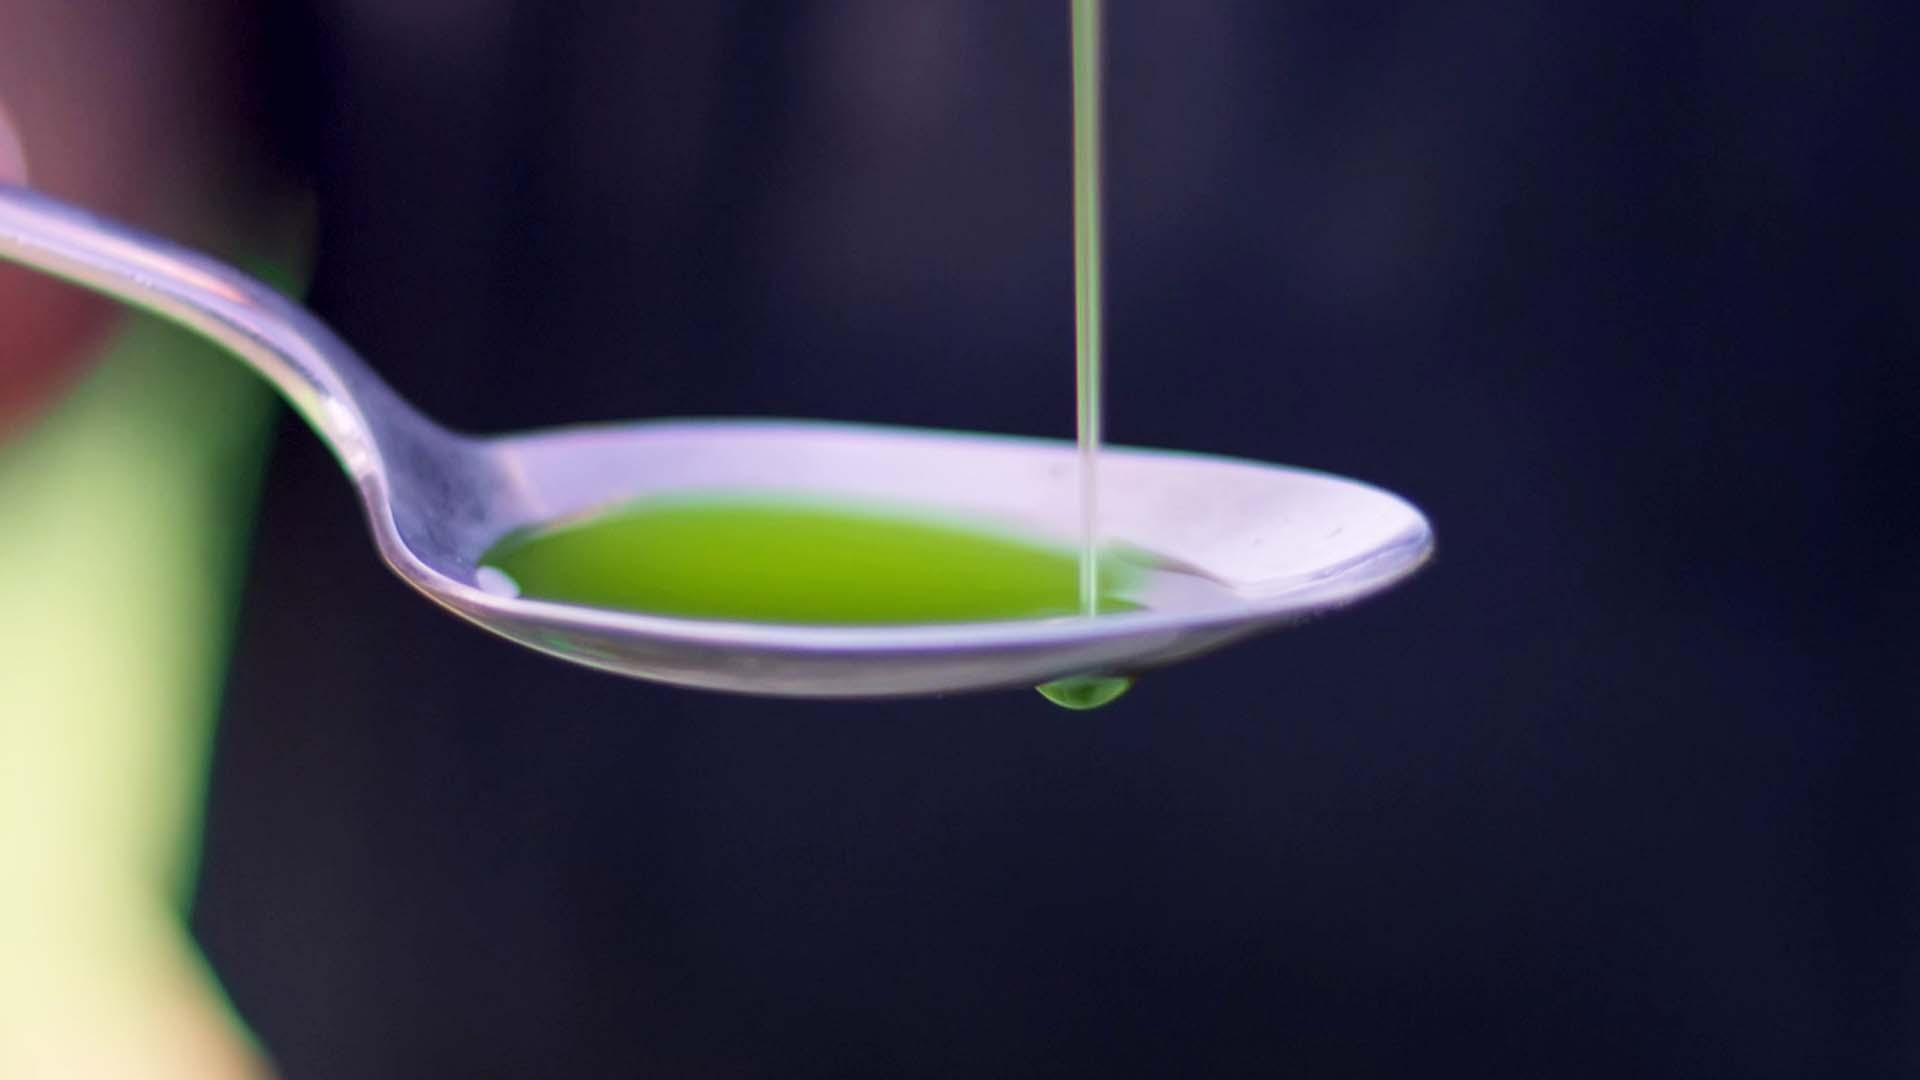 Das Bild zeigt einen Löffel. Dieser Löffel hat die Farbe silber. Auf ihn läuft ein grünes Öl. Das Bild dient als Making Of Bild für den Portfolioeintrag Kurzfilm Tränen der Olive von Panda Pictures.